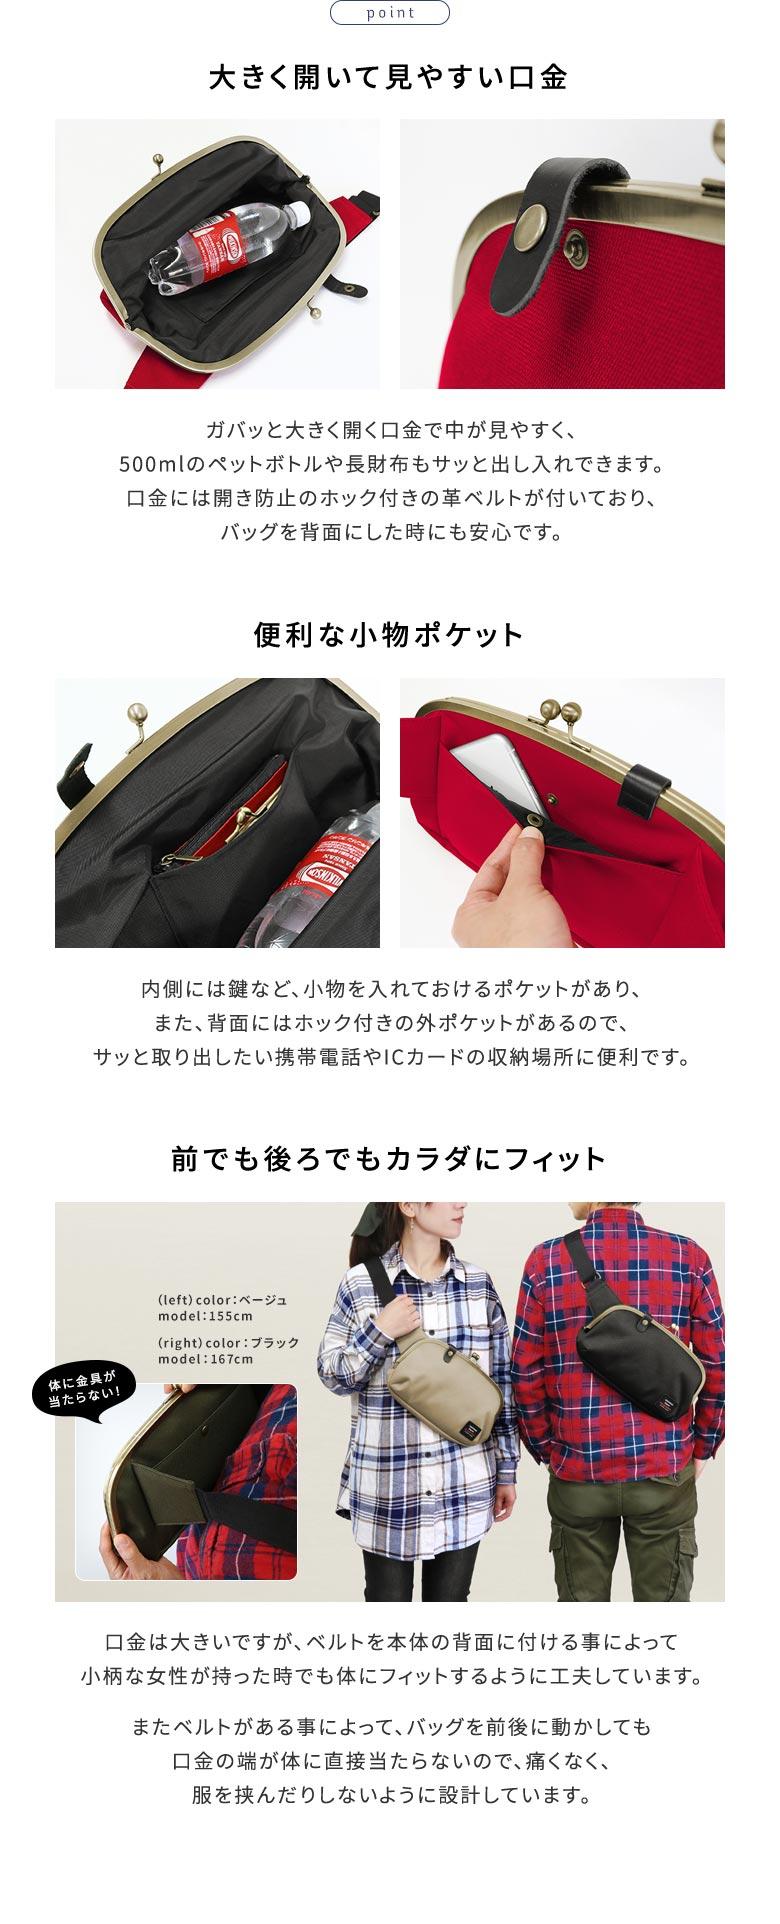 AYANOKOJI Sarei くし型がま口ボディバッグ POINT 大きく開いて見やすい口金。ガバッと大きく開く口金で中が見やすく、500mlのペットボトルや長財布もサッと出し入れできます。口金には開き防止のホック付きの革ベルトが付いており、バッグを背面にした時にも安心です。便利な小物ポケット。内側には鍵など、小物を入れておけるポケットがあり、また、背面にはホック付きの外ポケットがあるので、サッと取り出したい携帯電話やICカードの収納場所に便利です。前でも後ろでもカラダにフィット。口金は大きいですが、ベルトを本体の背面に付ける事によって小柄な女性が持った時でも体にフィットするように工夫しています。またベルトがある事によって、バッグを前後に動かしても口金の端が体に直接当たらないので、痛くなく、服を挟んだりしないように設計しています。